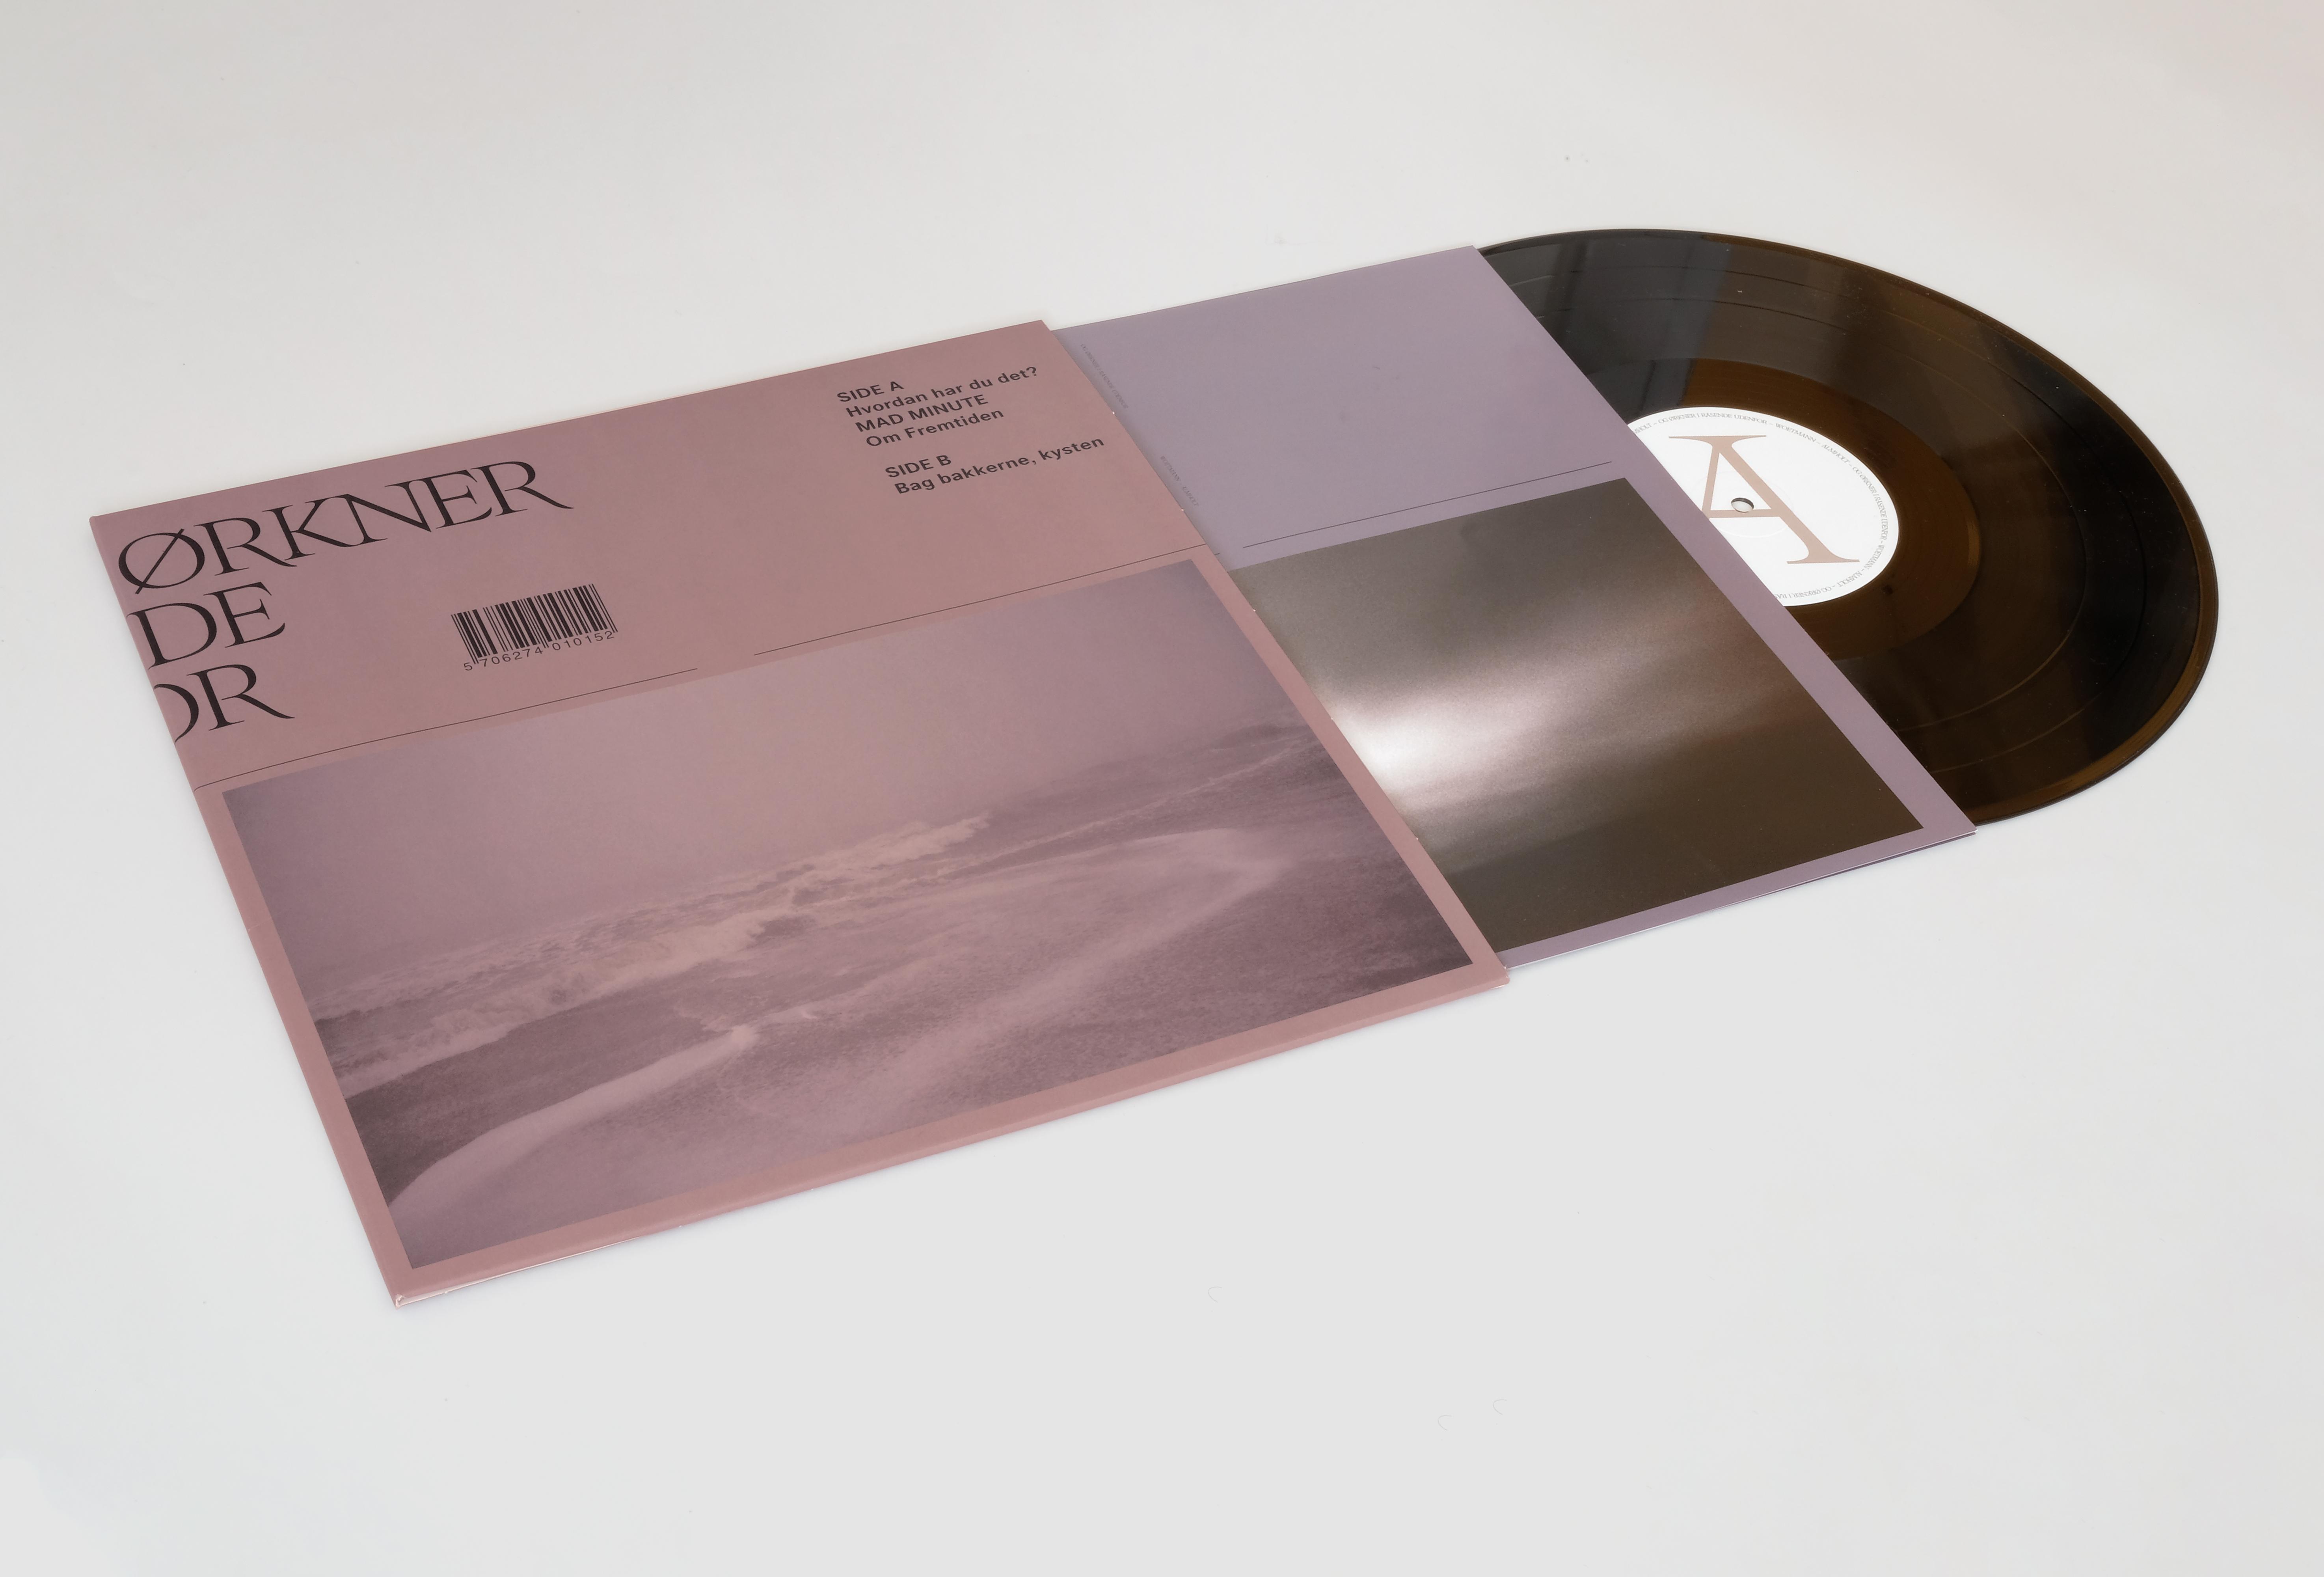 Album cover insert plade